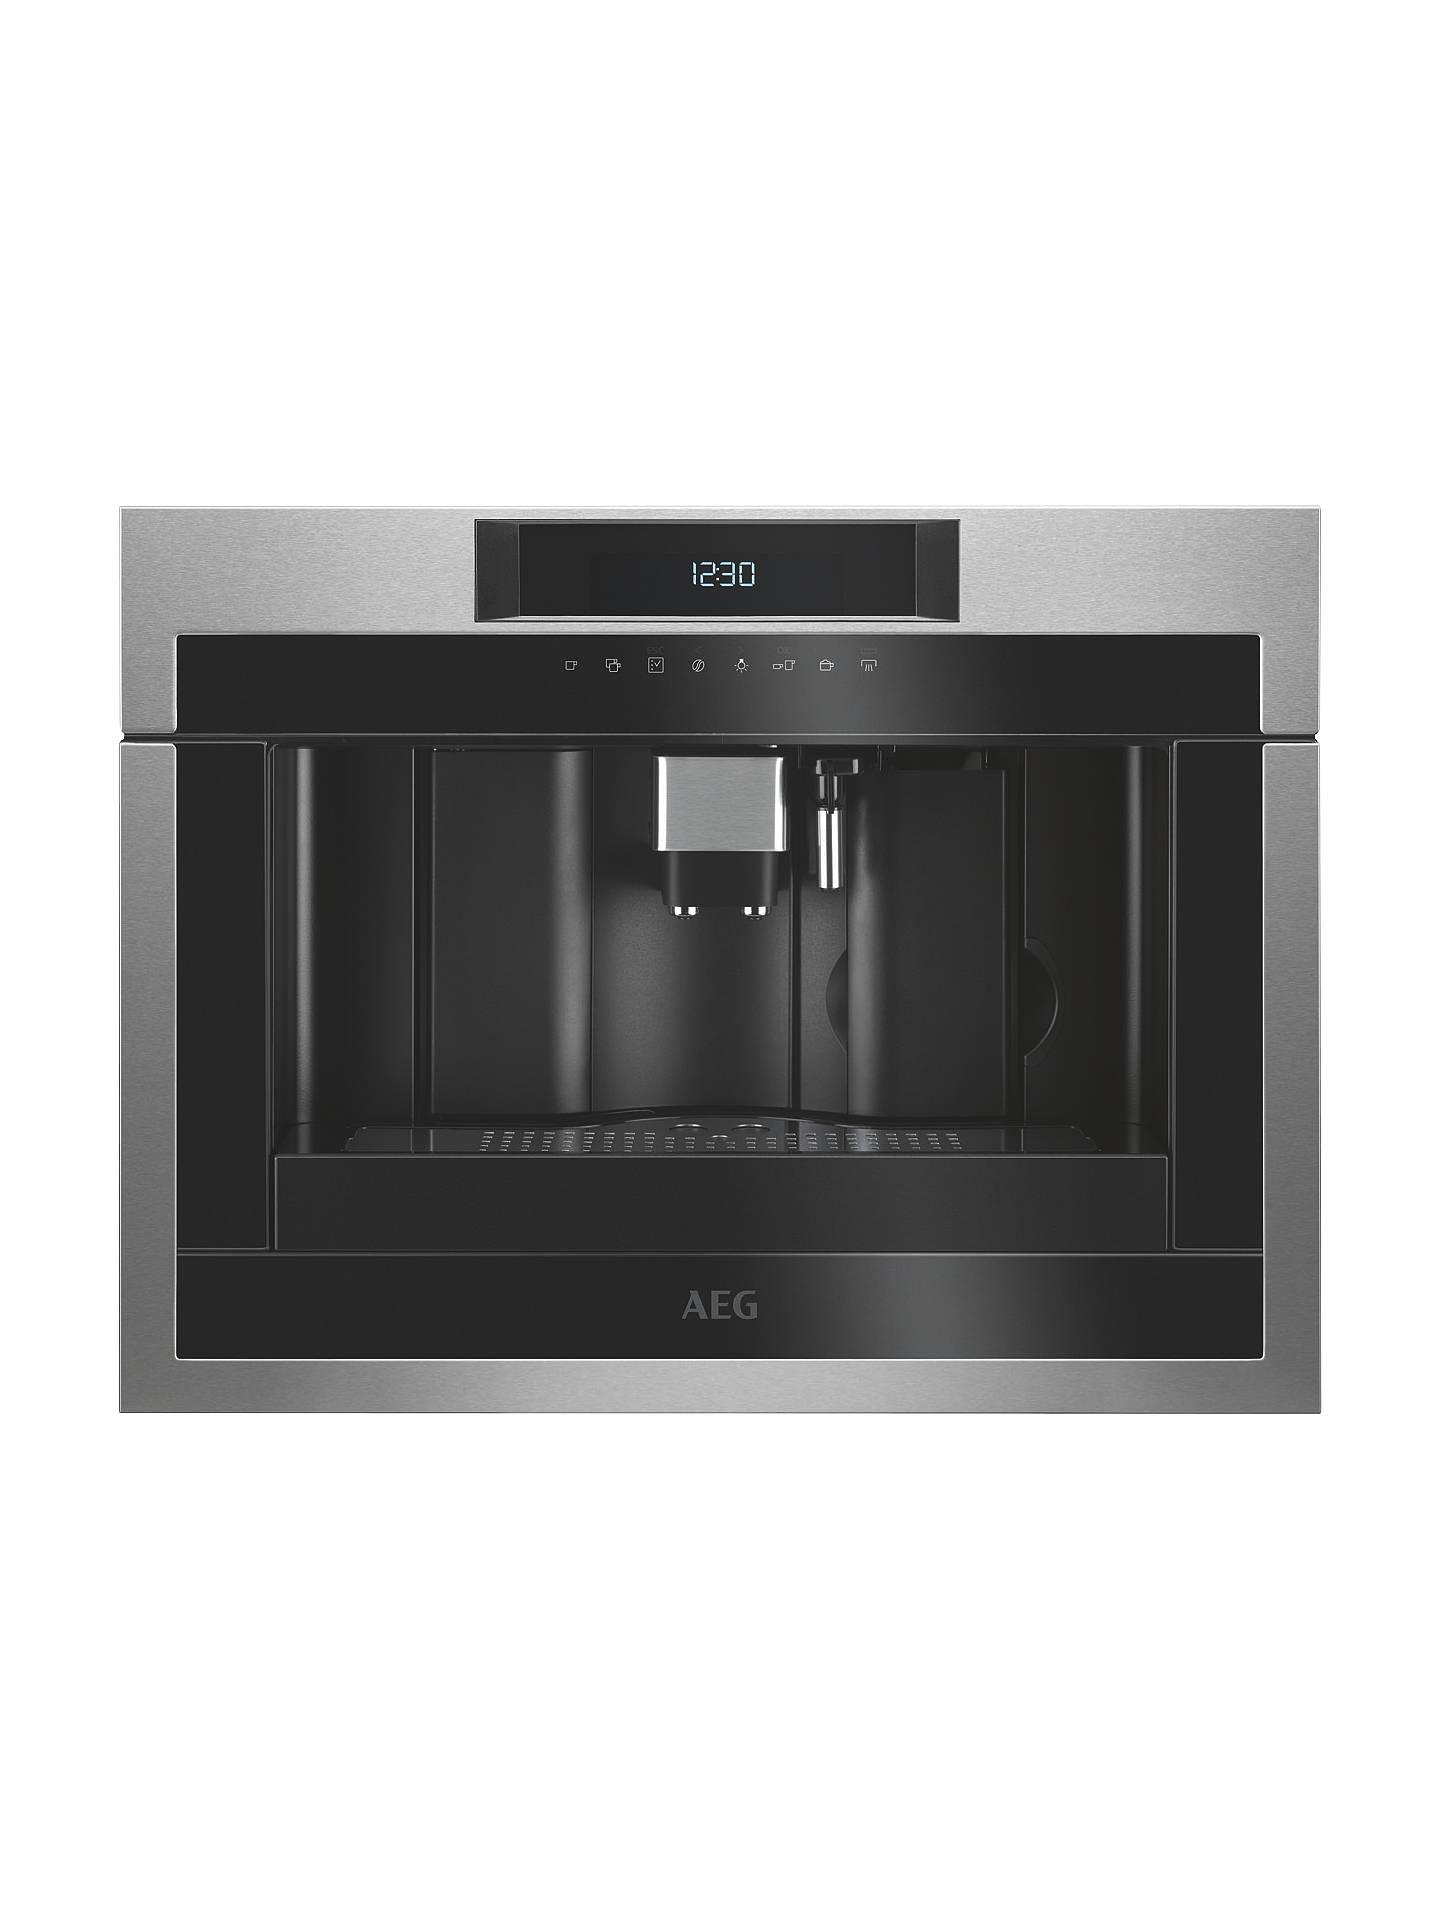 Aeg Kke884500 Built In Coffee Machine Black